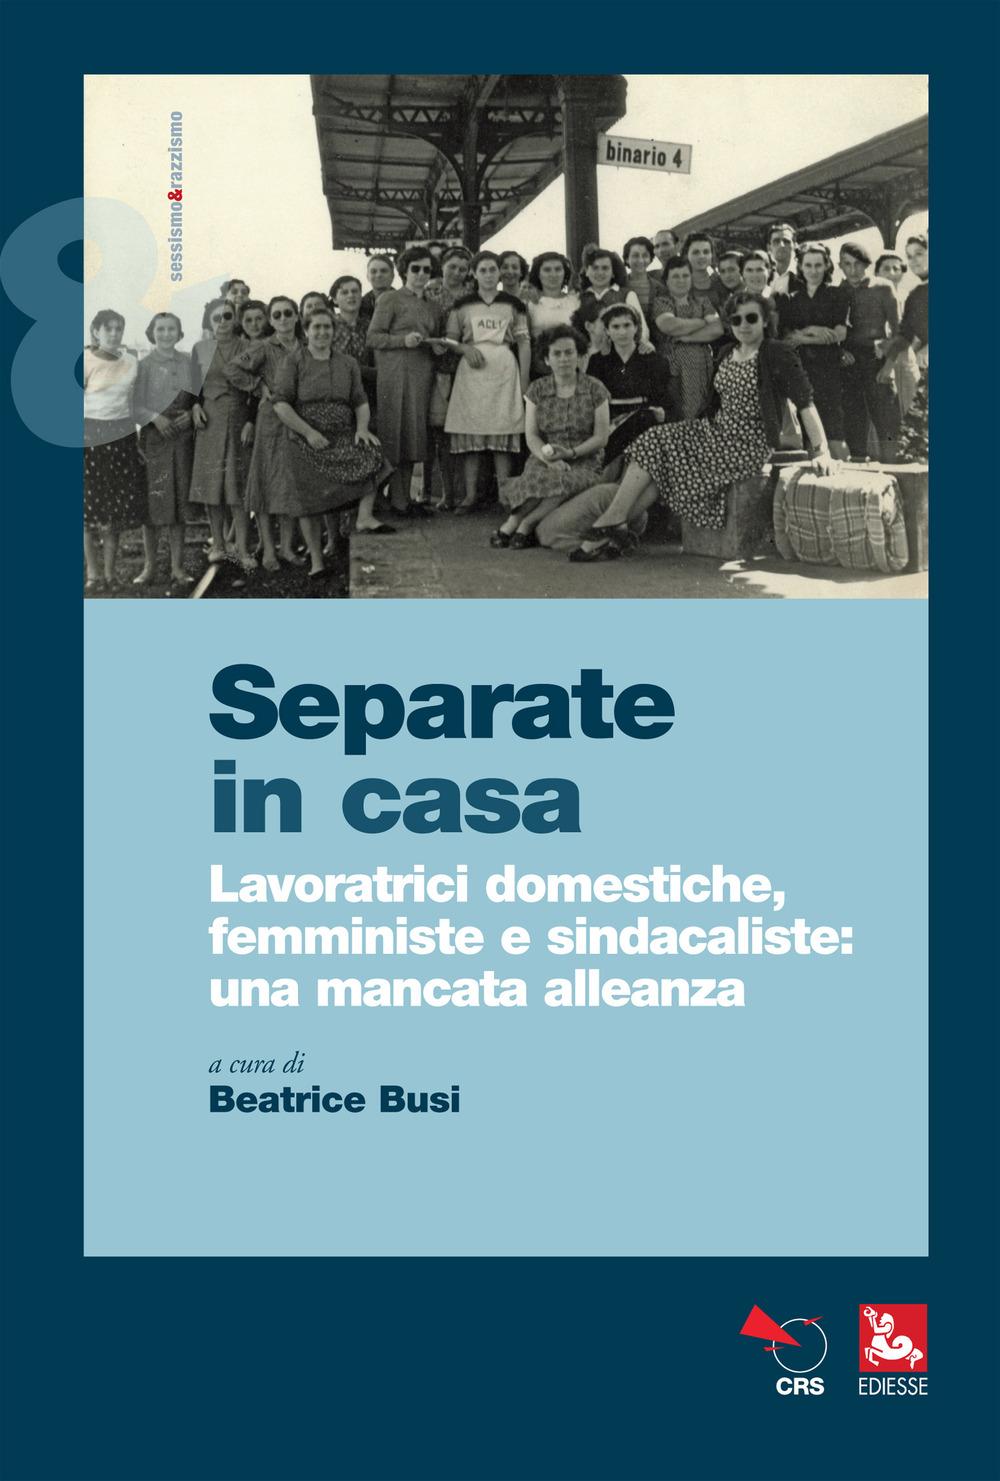 Separate in casa. Lavoratrici domestiche, femministe e sindacaliste: una mancata alleanza